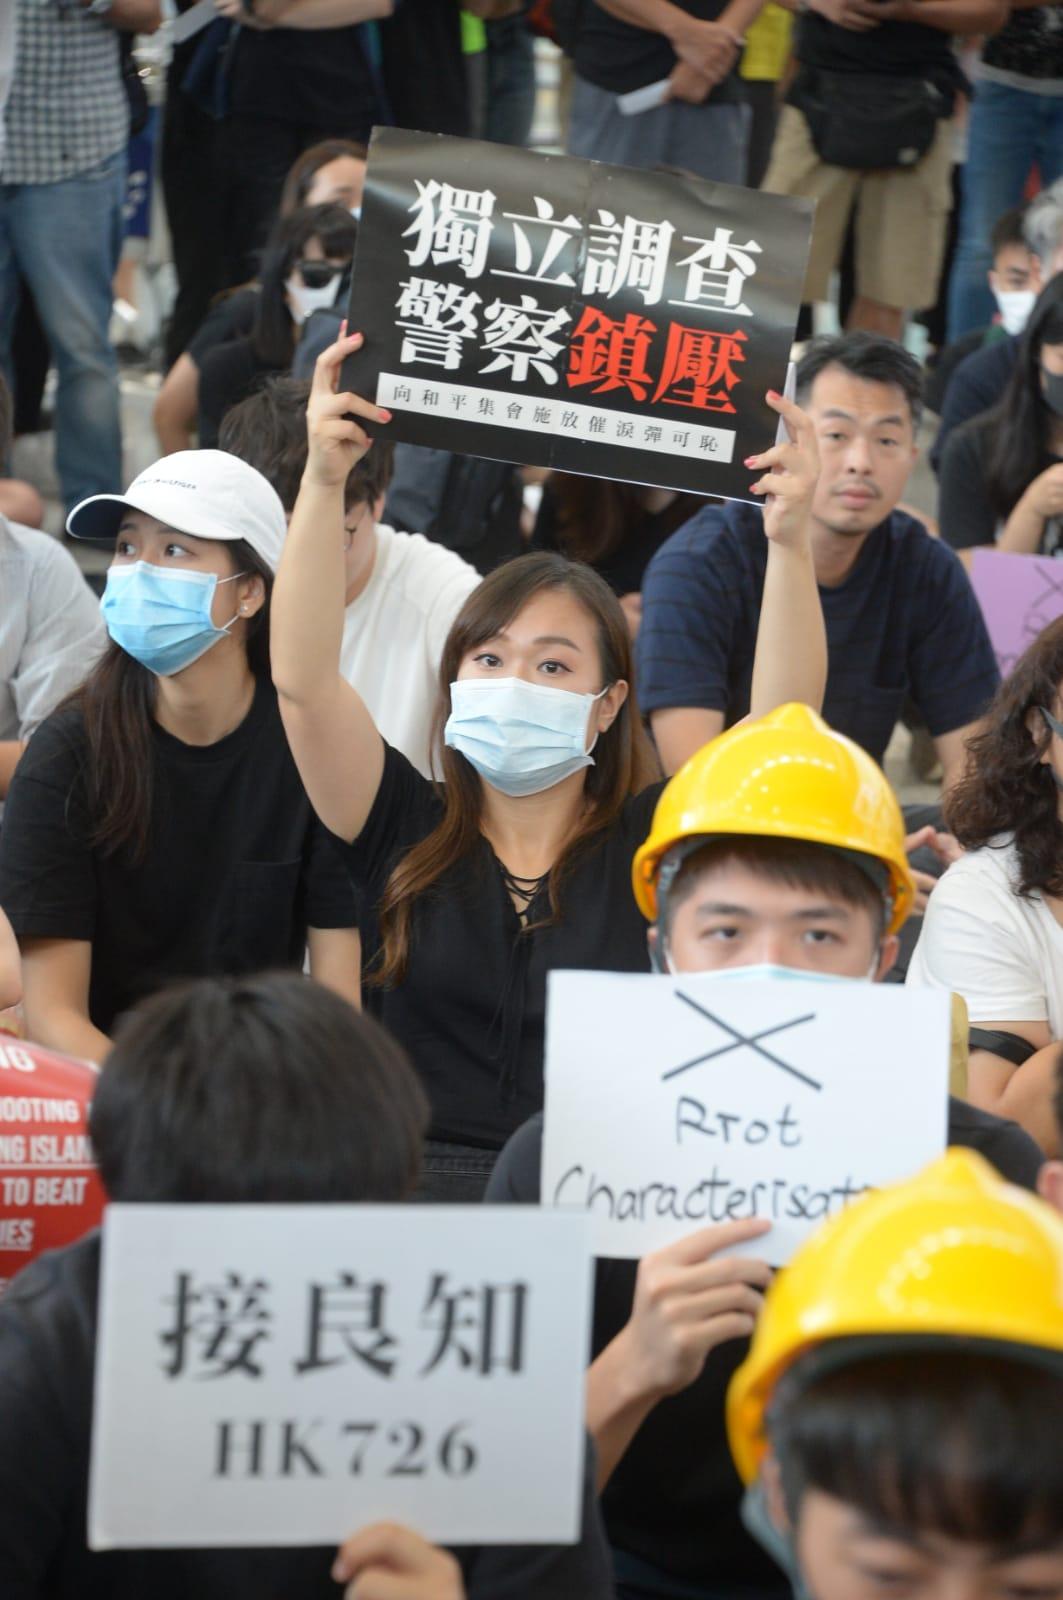 集會人士在場舉起標語靜坐。